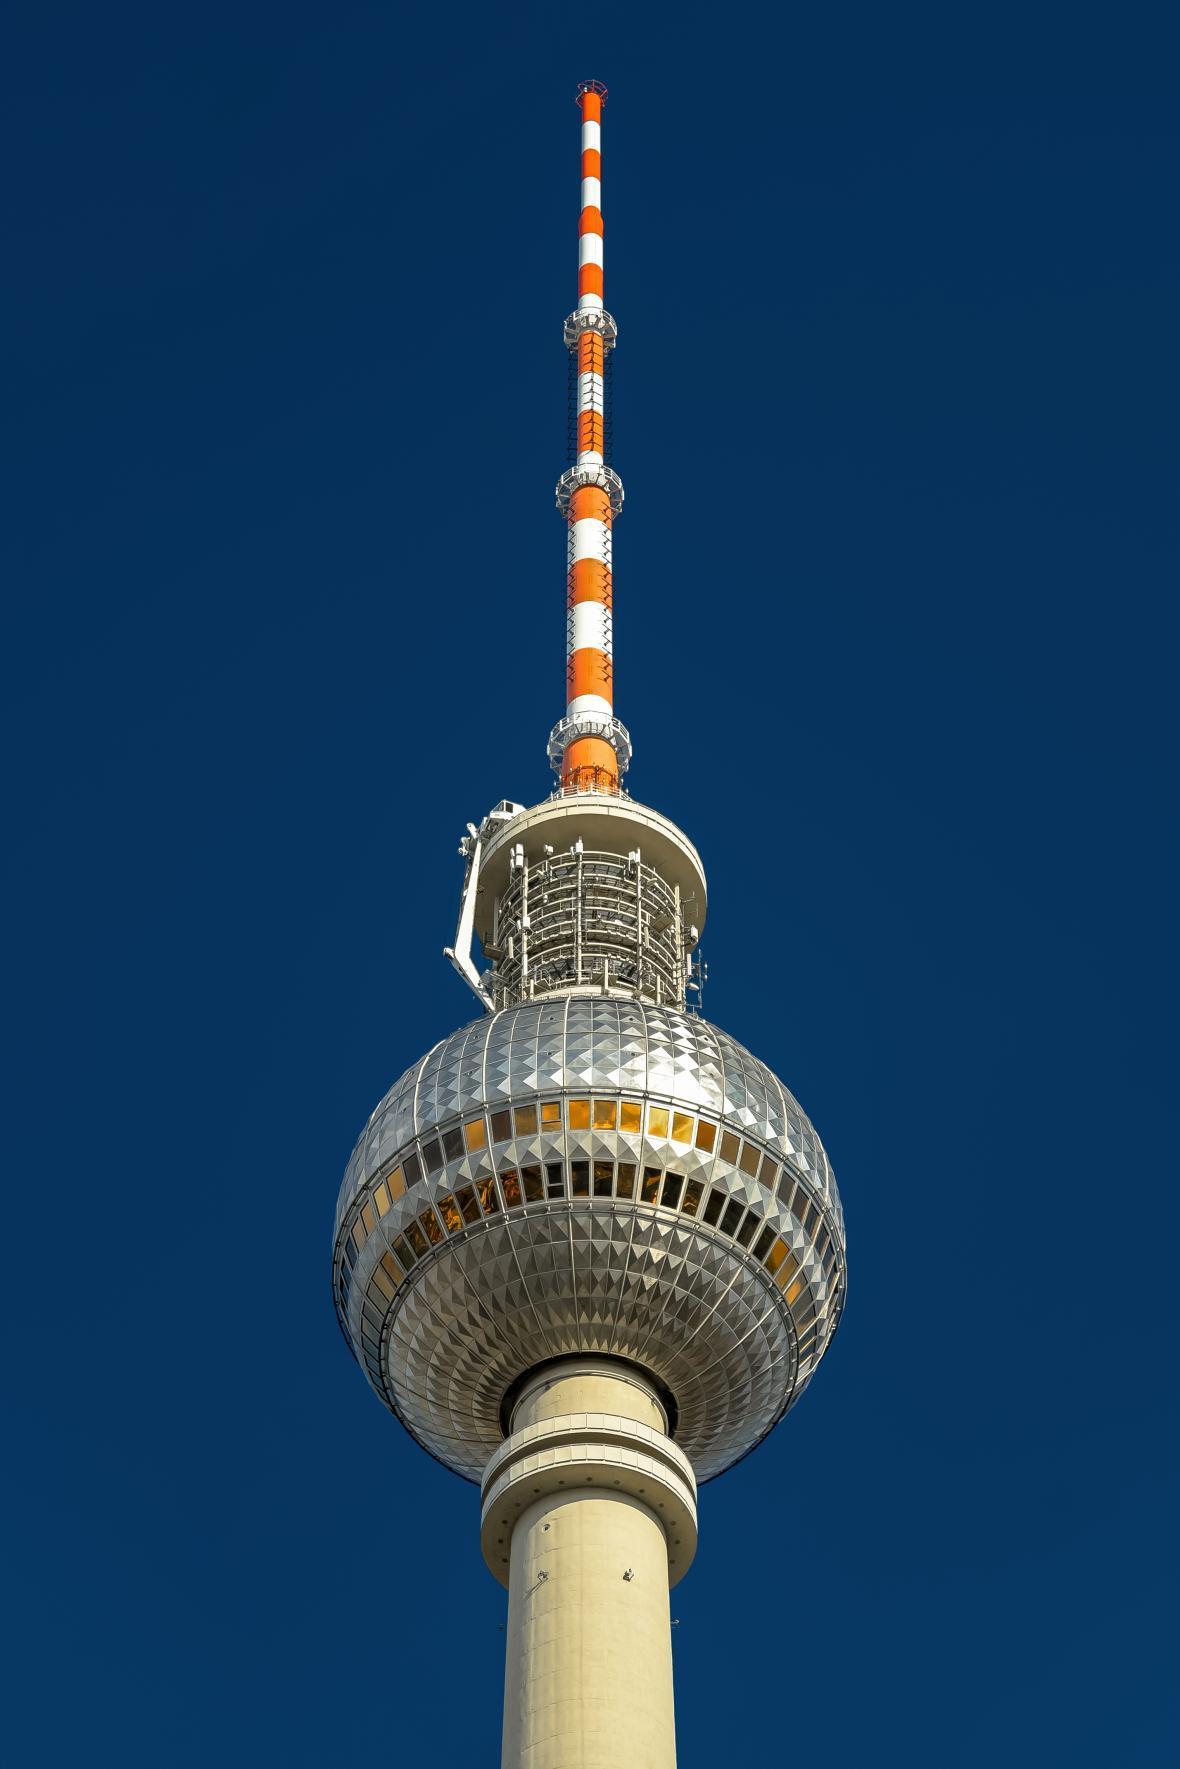 برج برلین (آلمان)